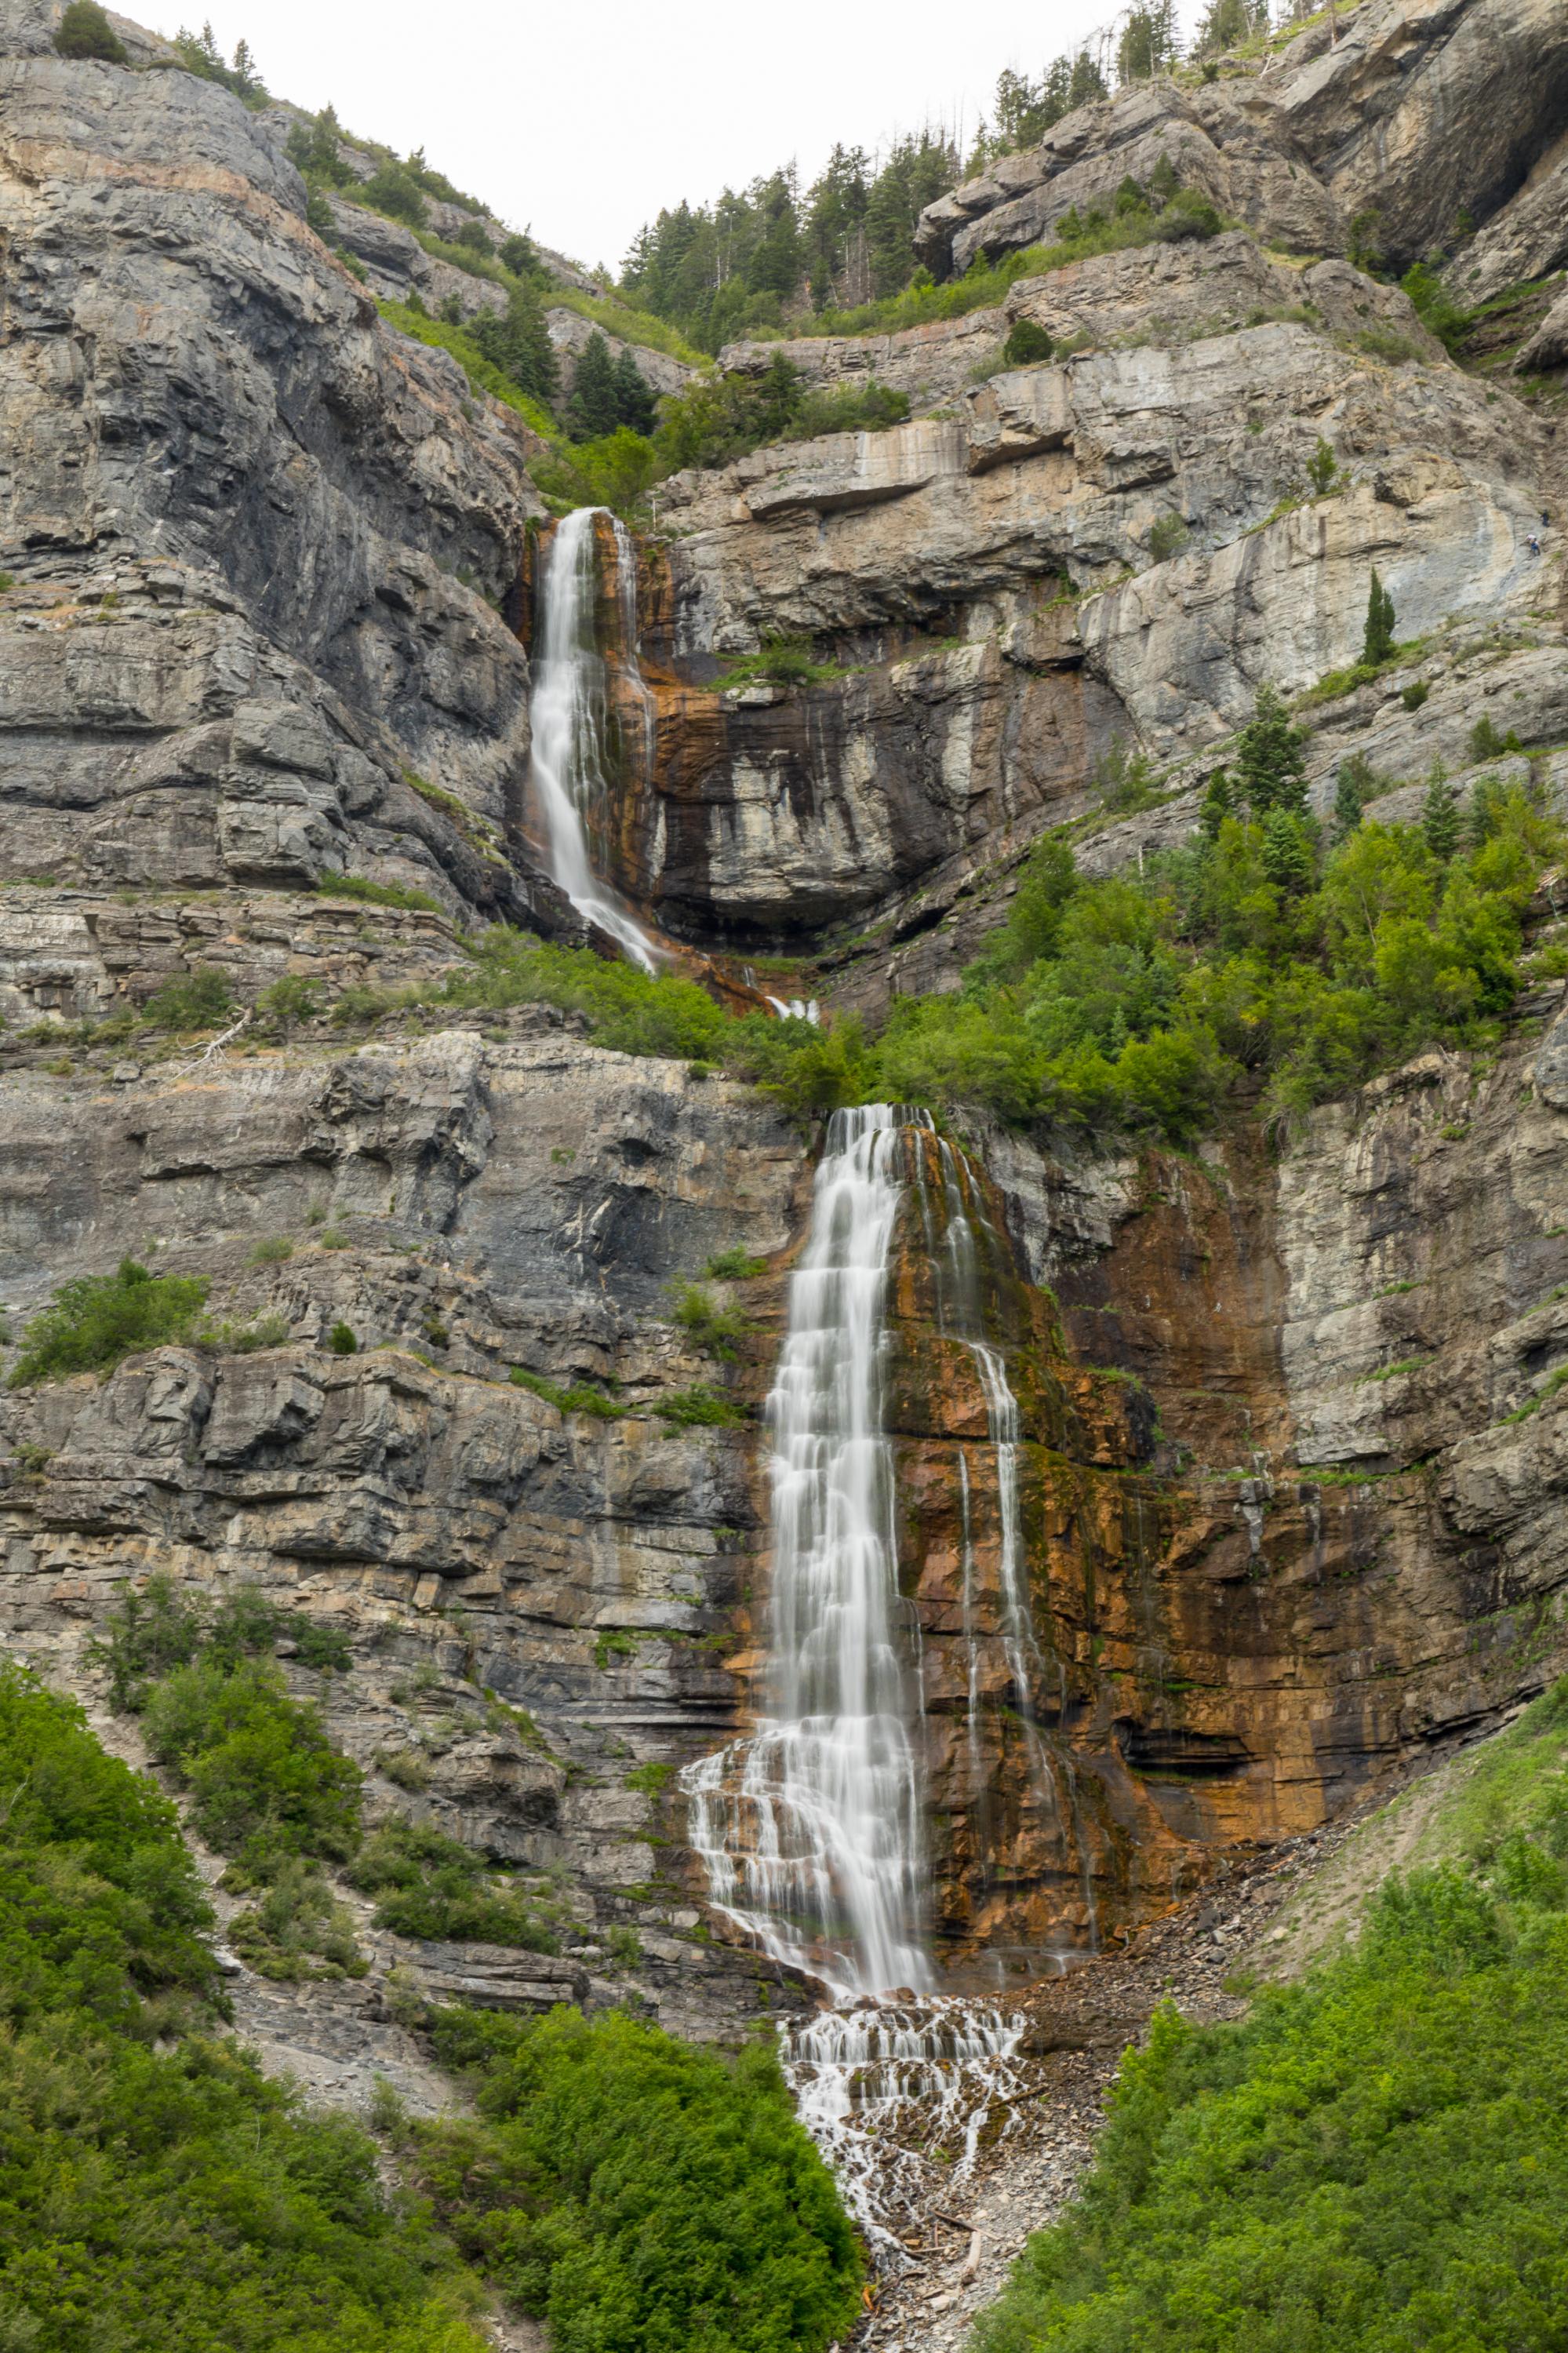 Bridal Veil Falls, Provo Canyon, Image # 0761